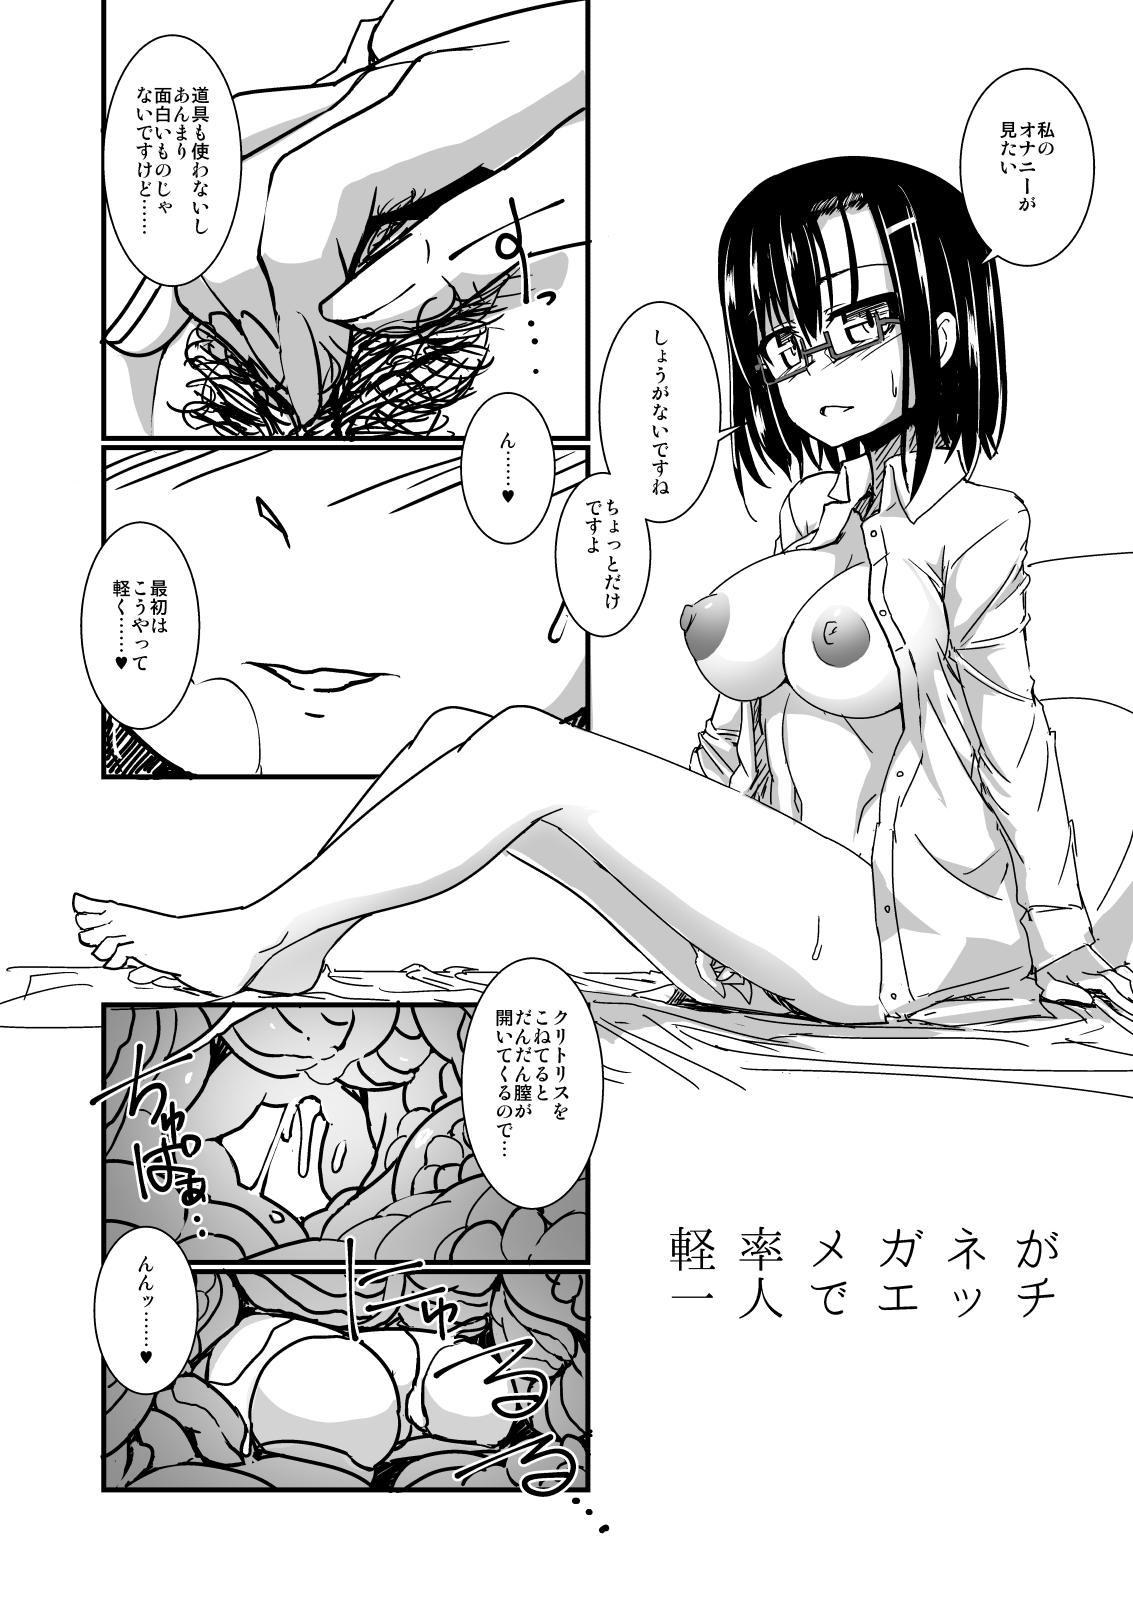 Keisotsu Megane to Date de Ecchi 17